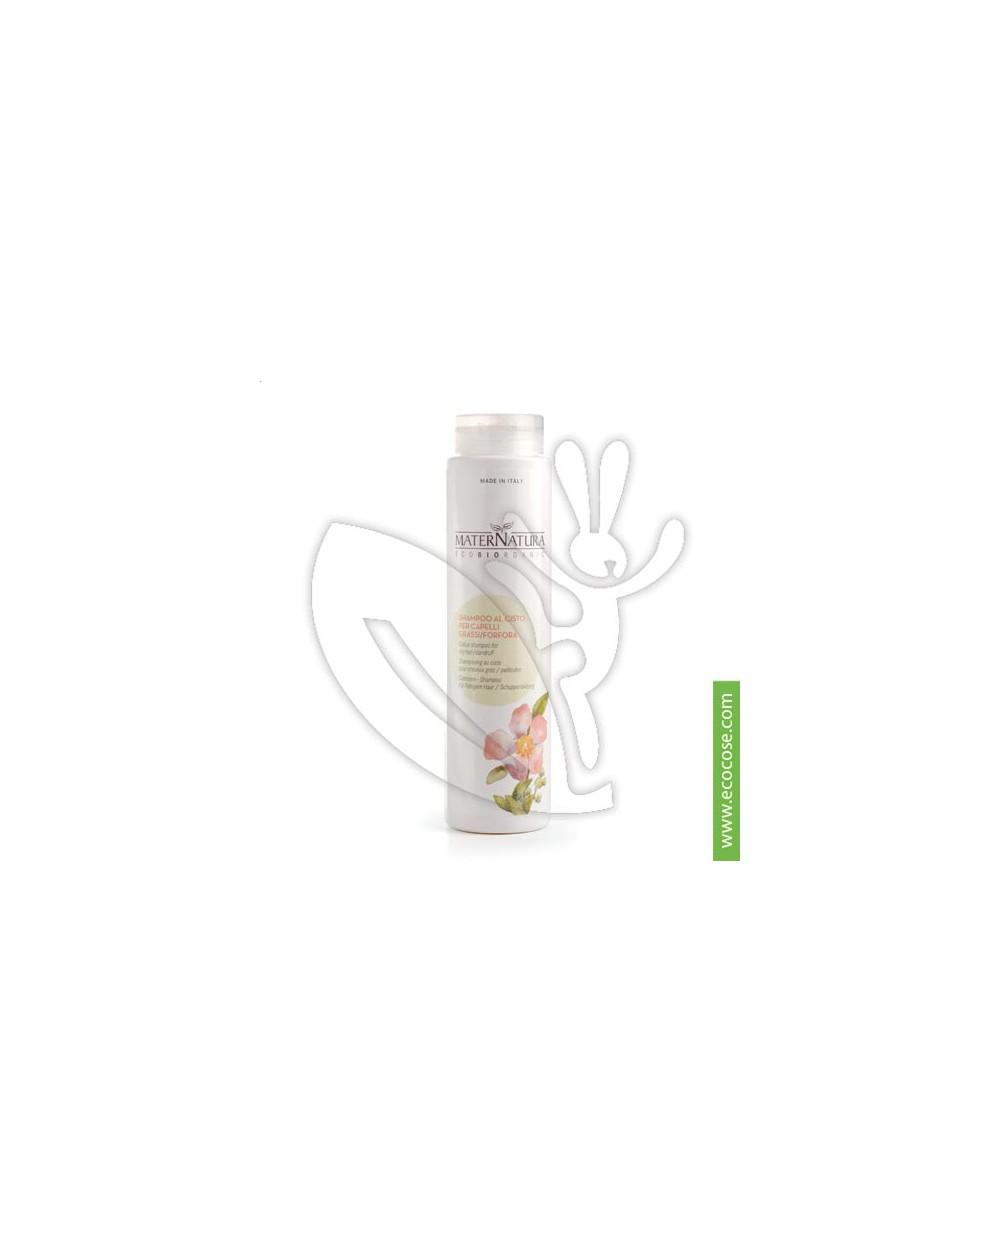 Maternatura - Shampoo al Cisto per capelli grassi